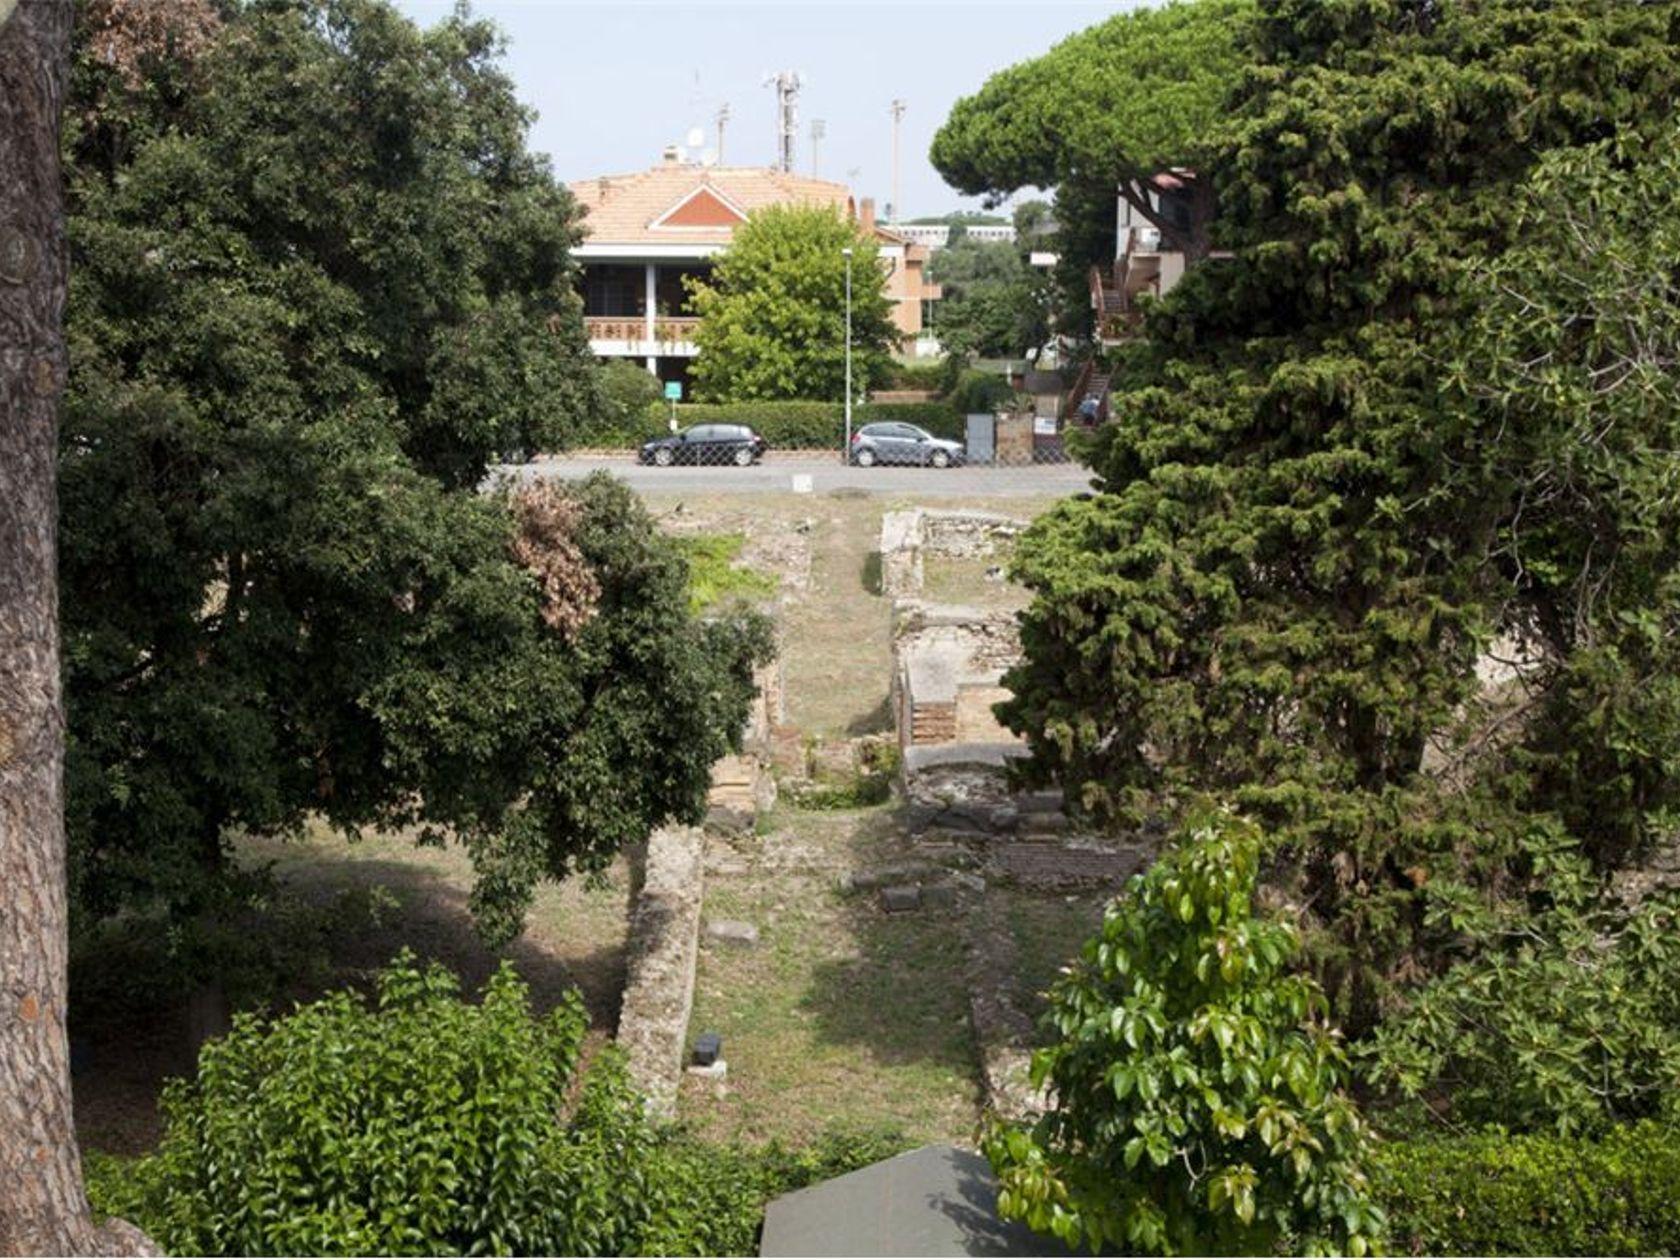 Attico/Mansarda Anzio-santa Teresa, Anzio, RM Vendita - Foto 28